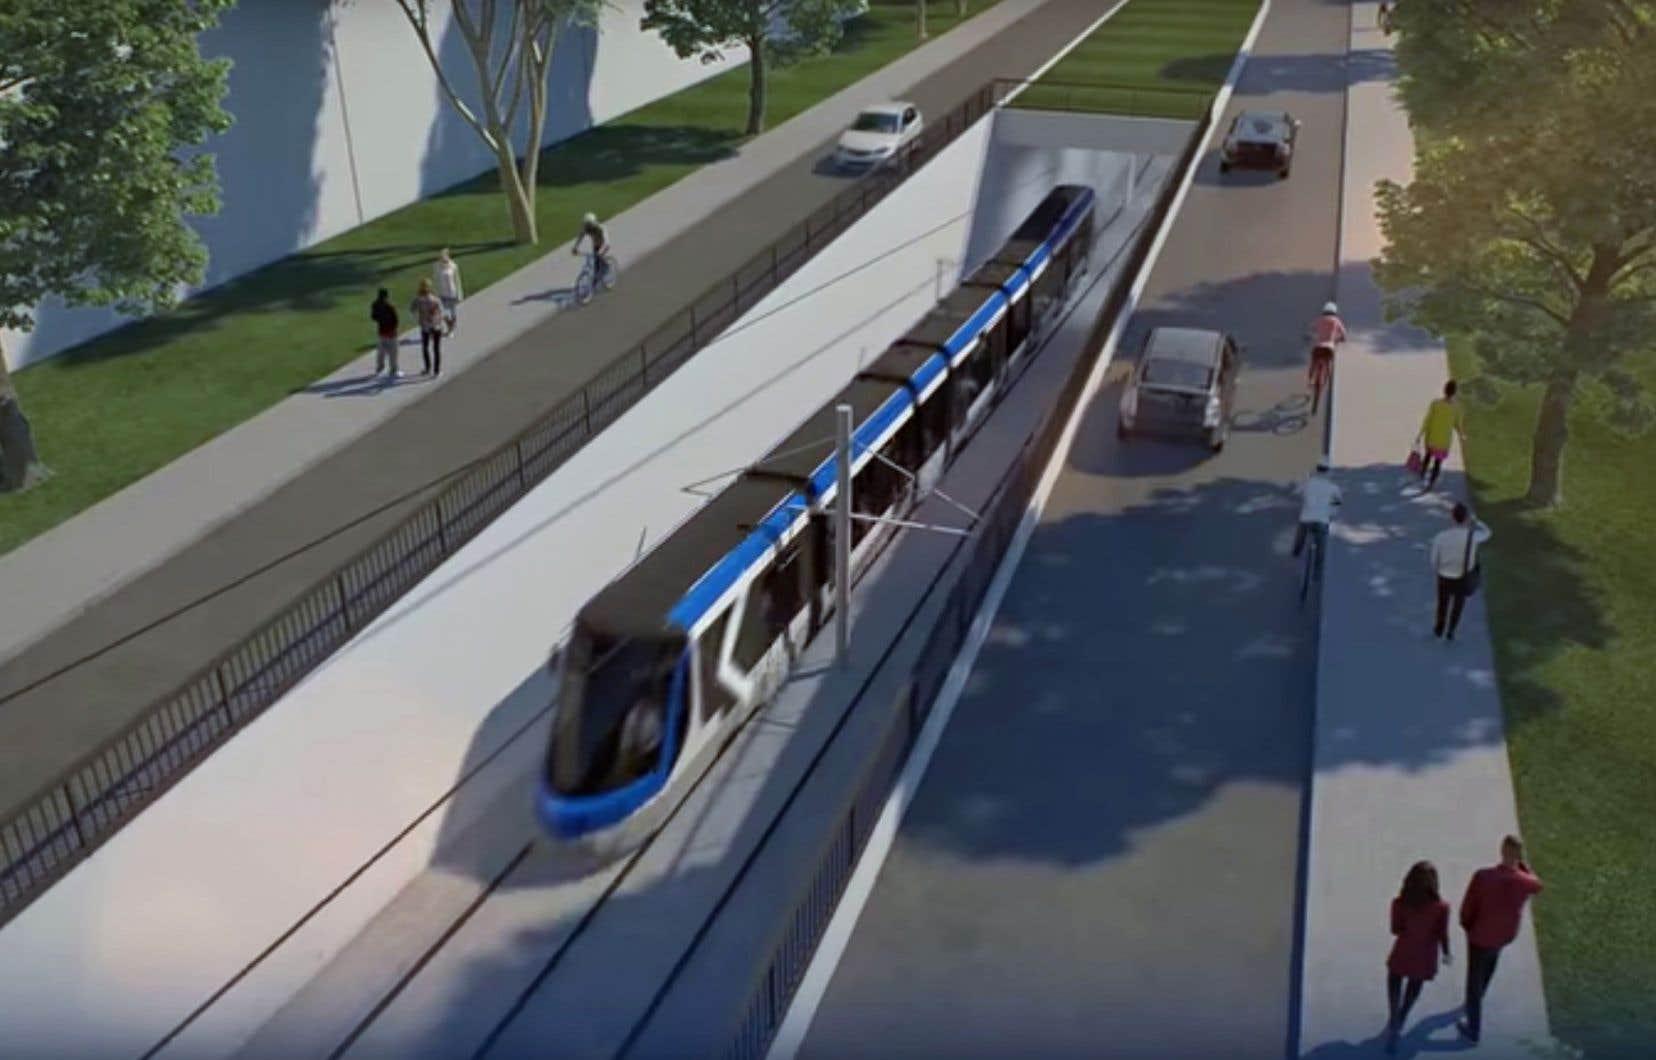 Le tramway a été pensé pour tolérer les caprices de l'hiver, notamment parce qu'il sera alimenté par des fils électriques aériens.